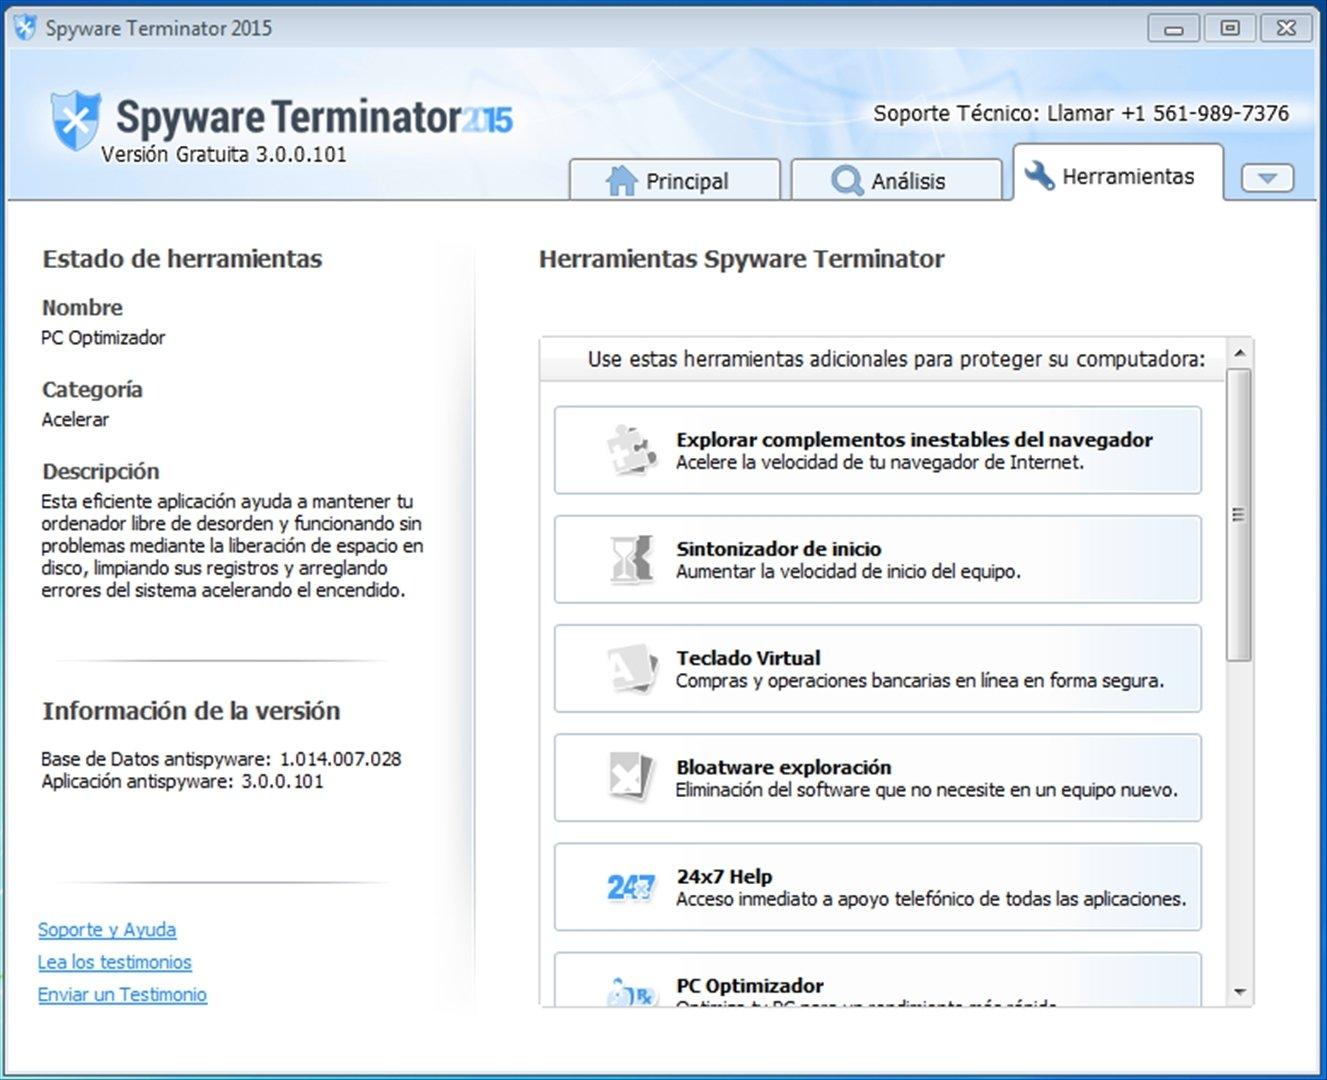 Spyware Terminator image 5